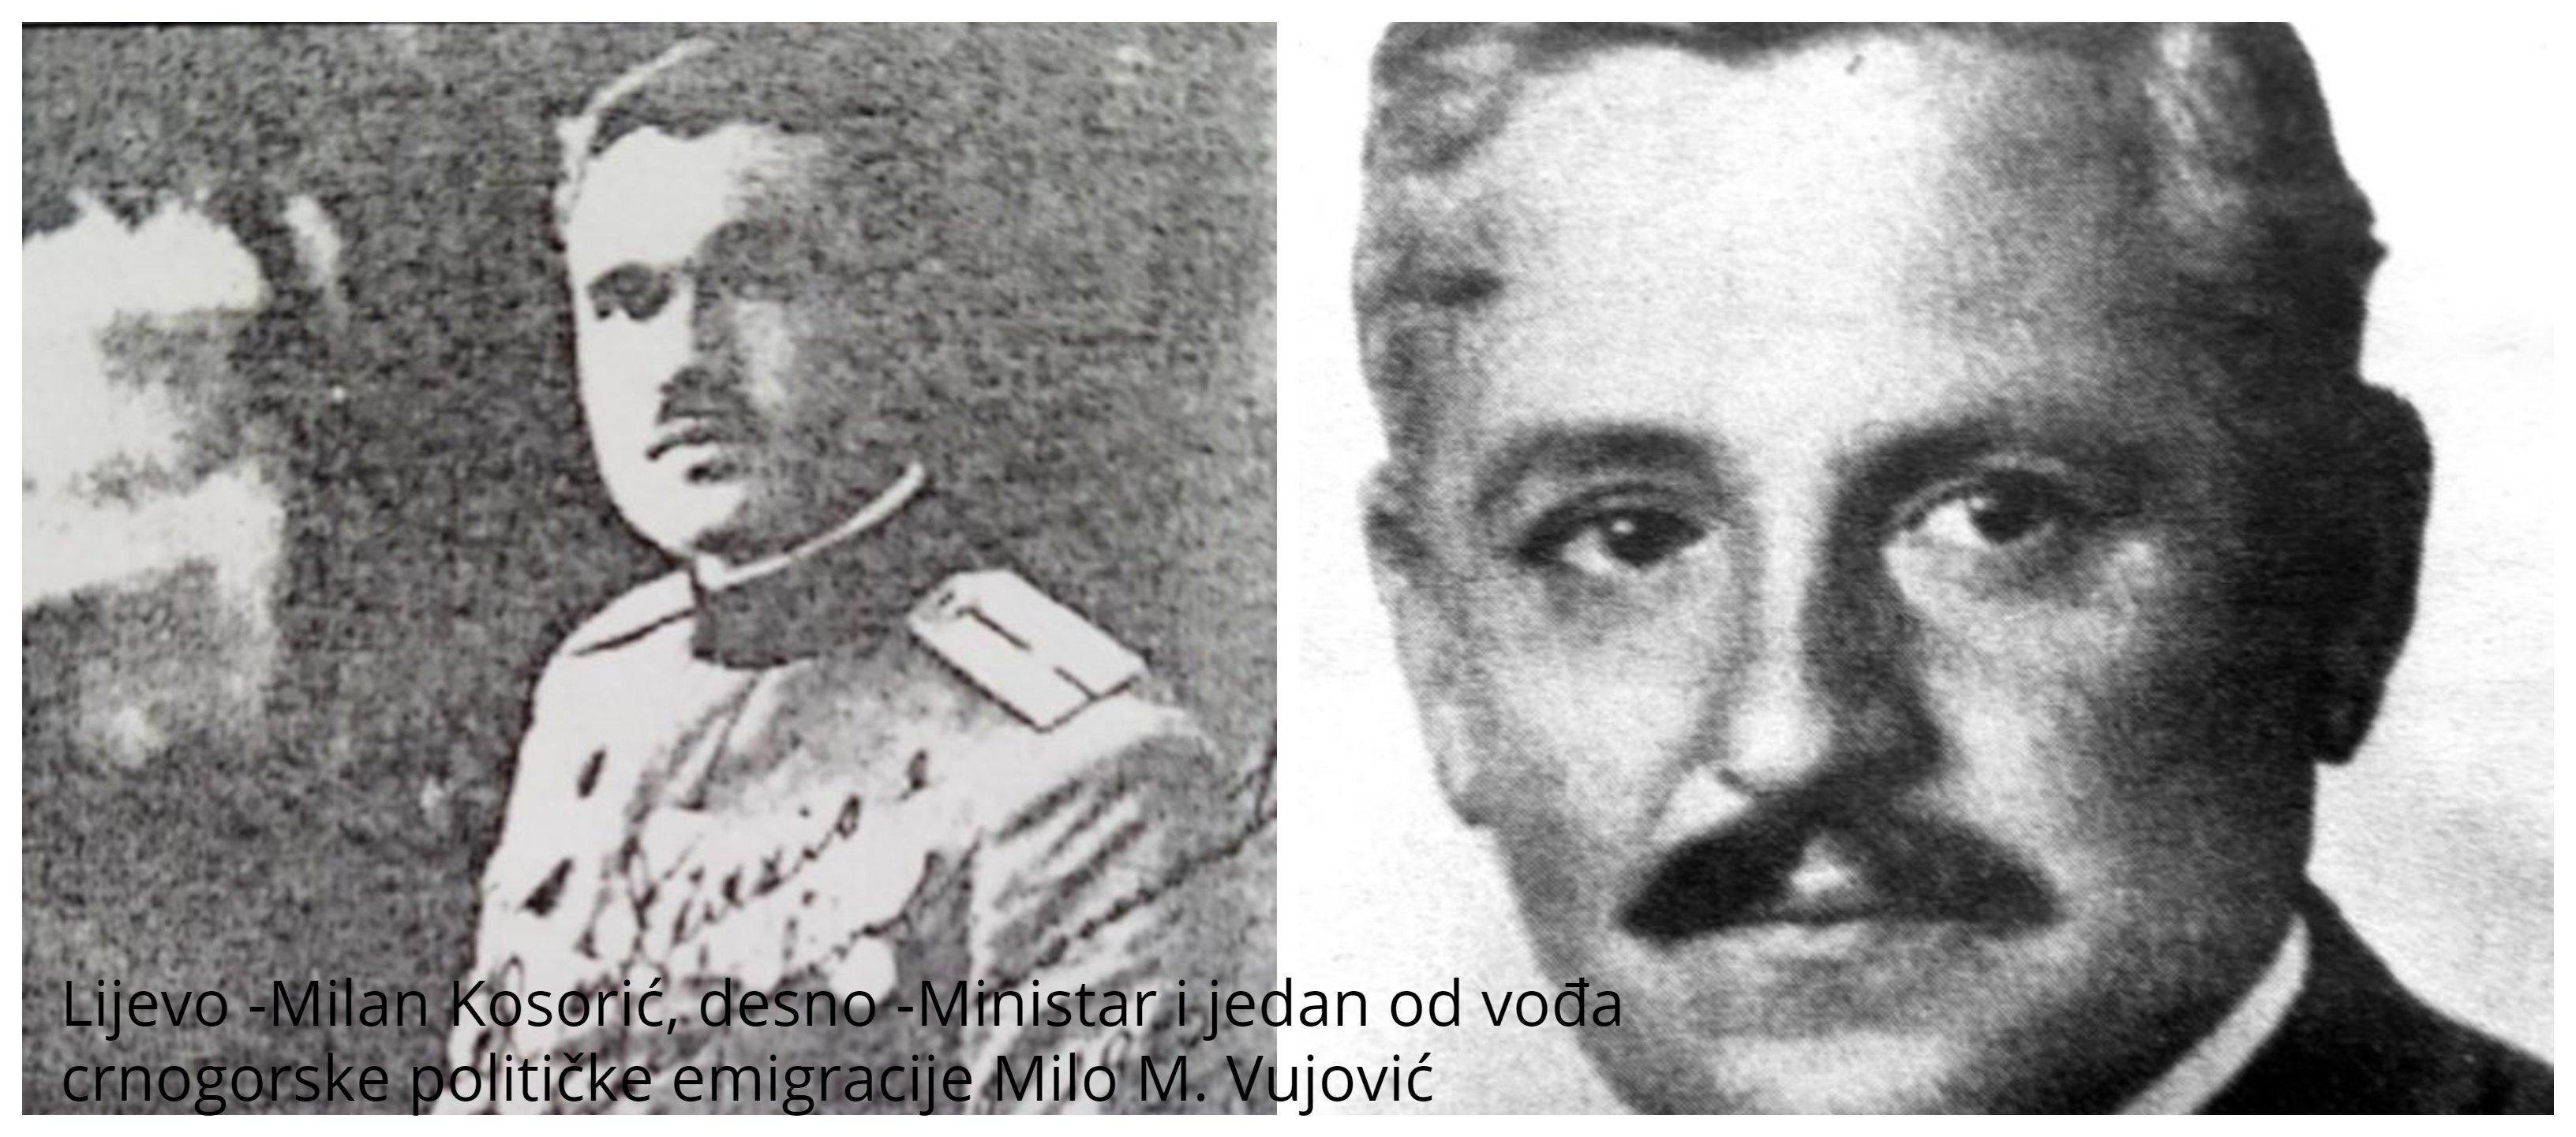 Pismo poručnika Milana M. Kosorića iz Bergama 7. februara 1925. ministru Milu M. Vujoviću u SAD